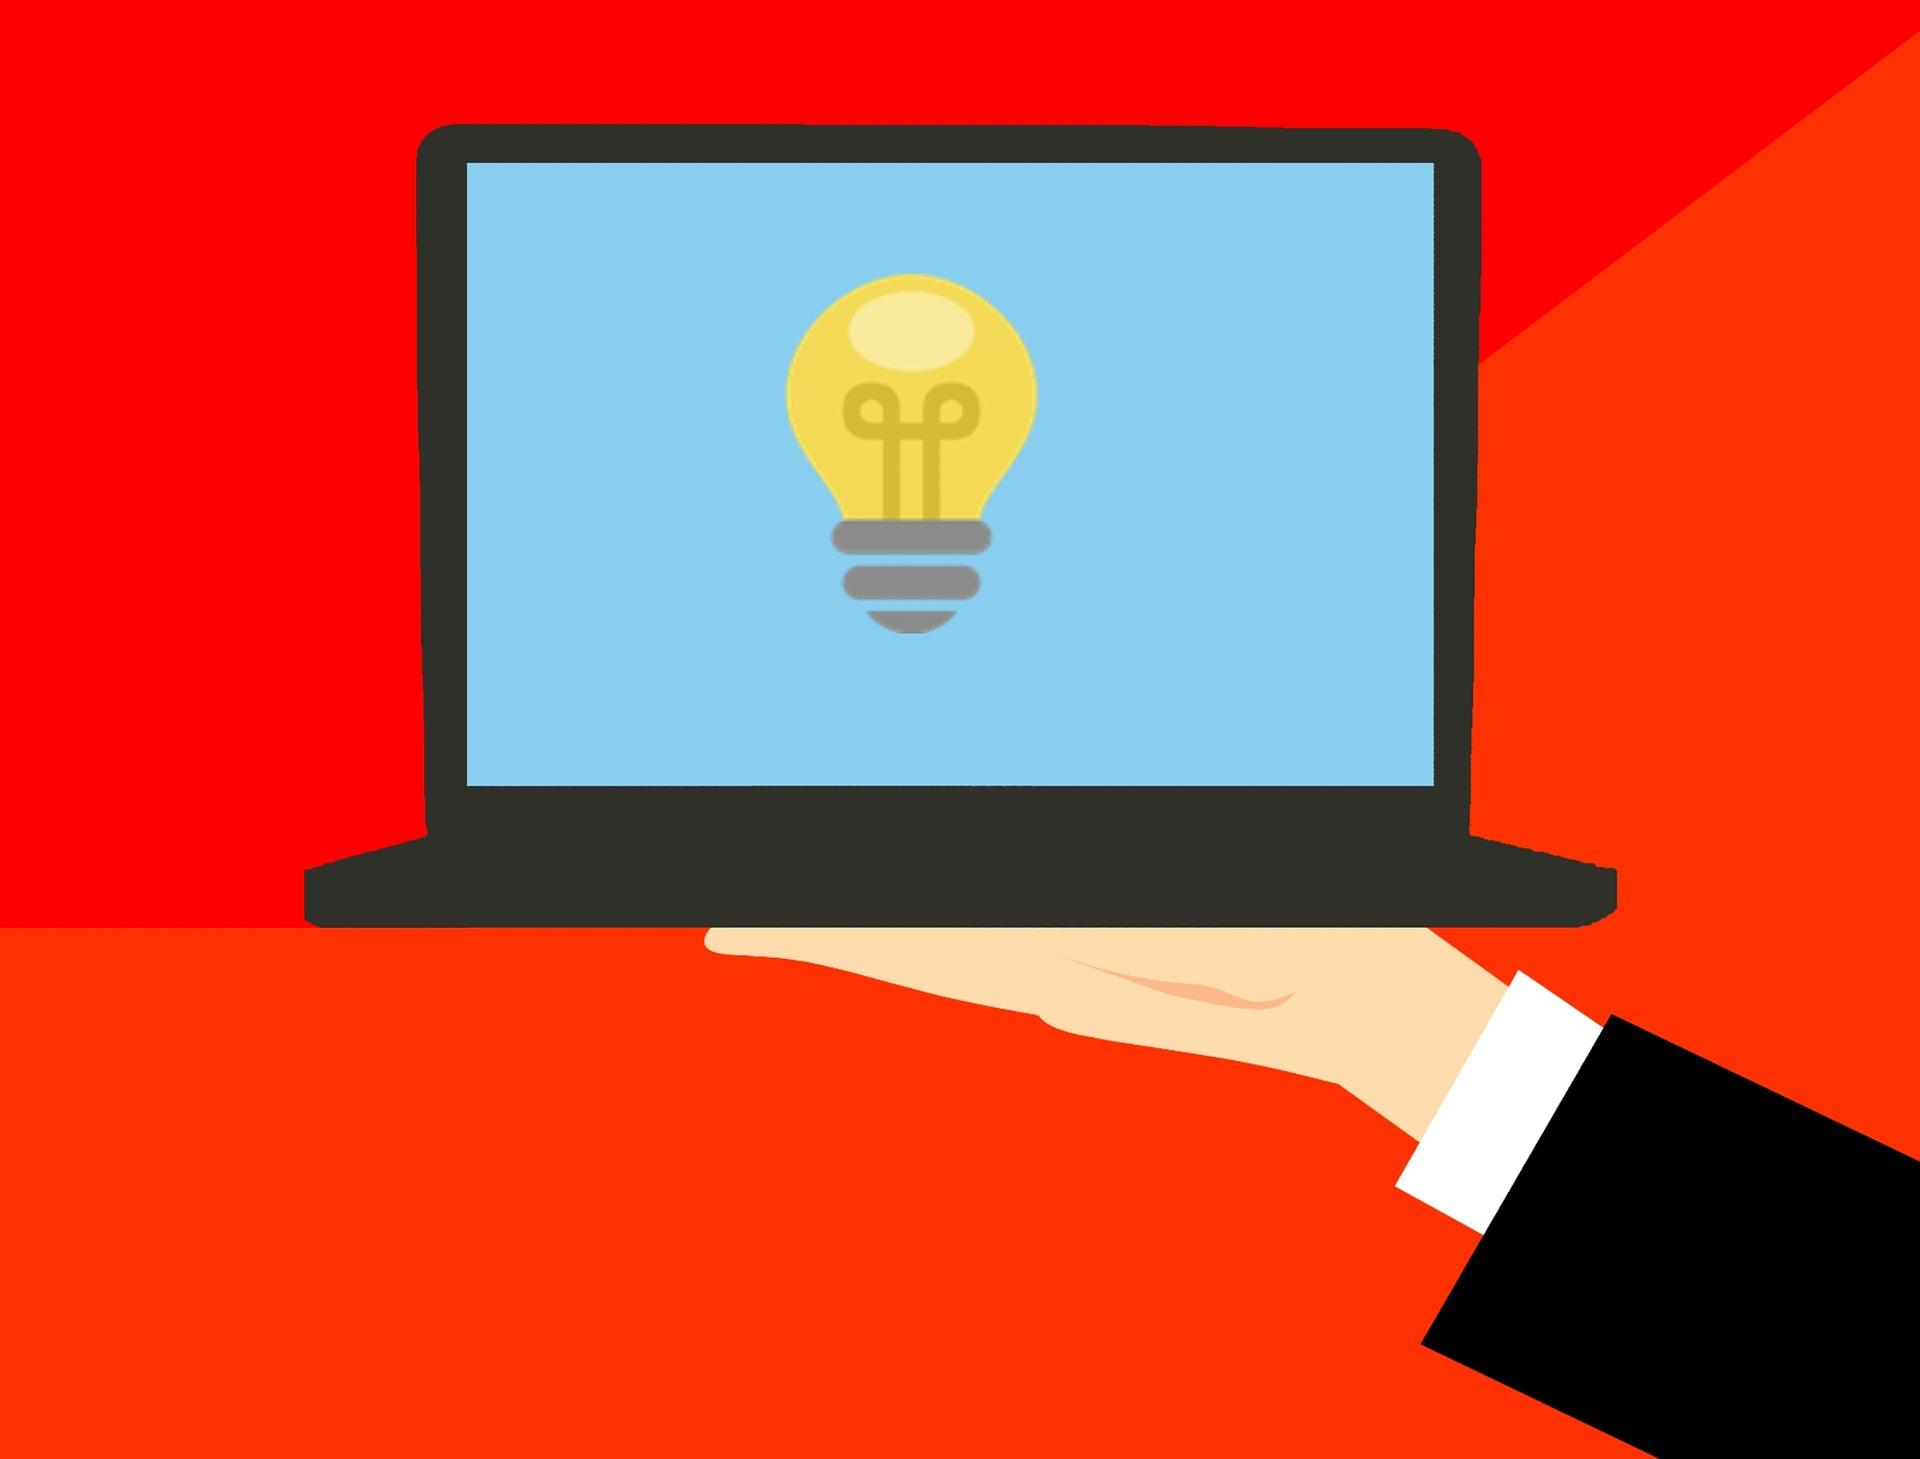 Qu'est-ce qu'une agence digitale?